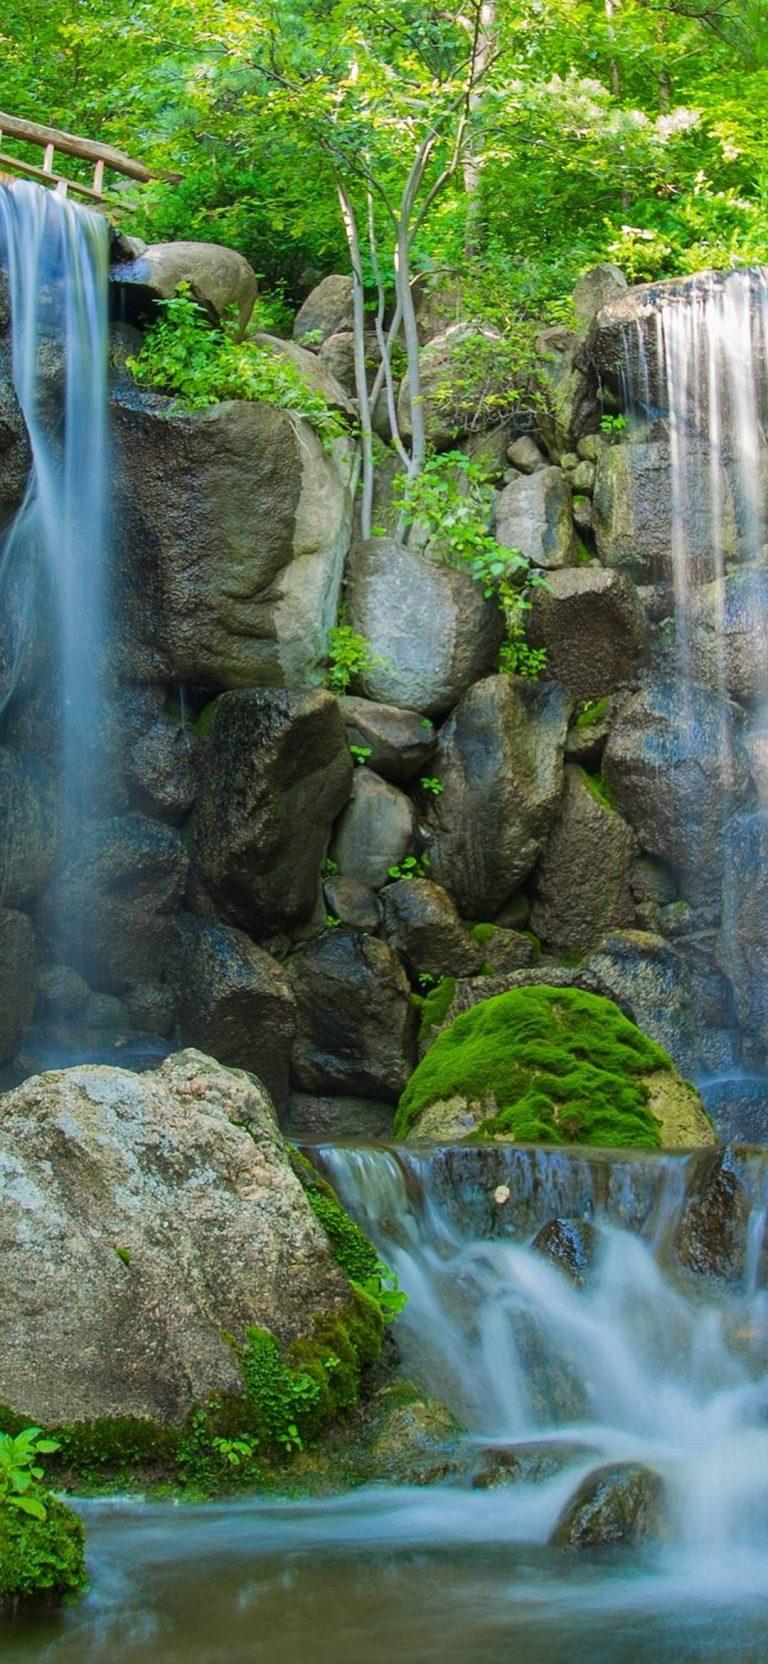 River Waterfall Rocks Plants Trees Nature 1080x2340 768x1664